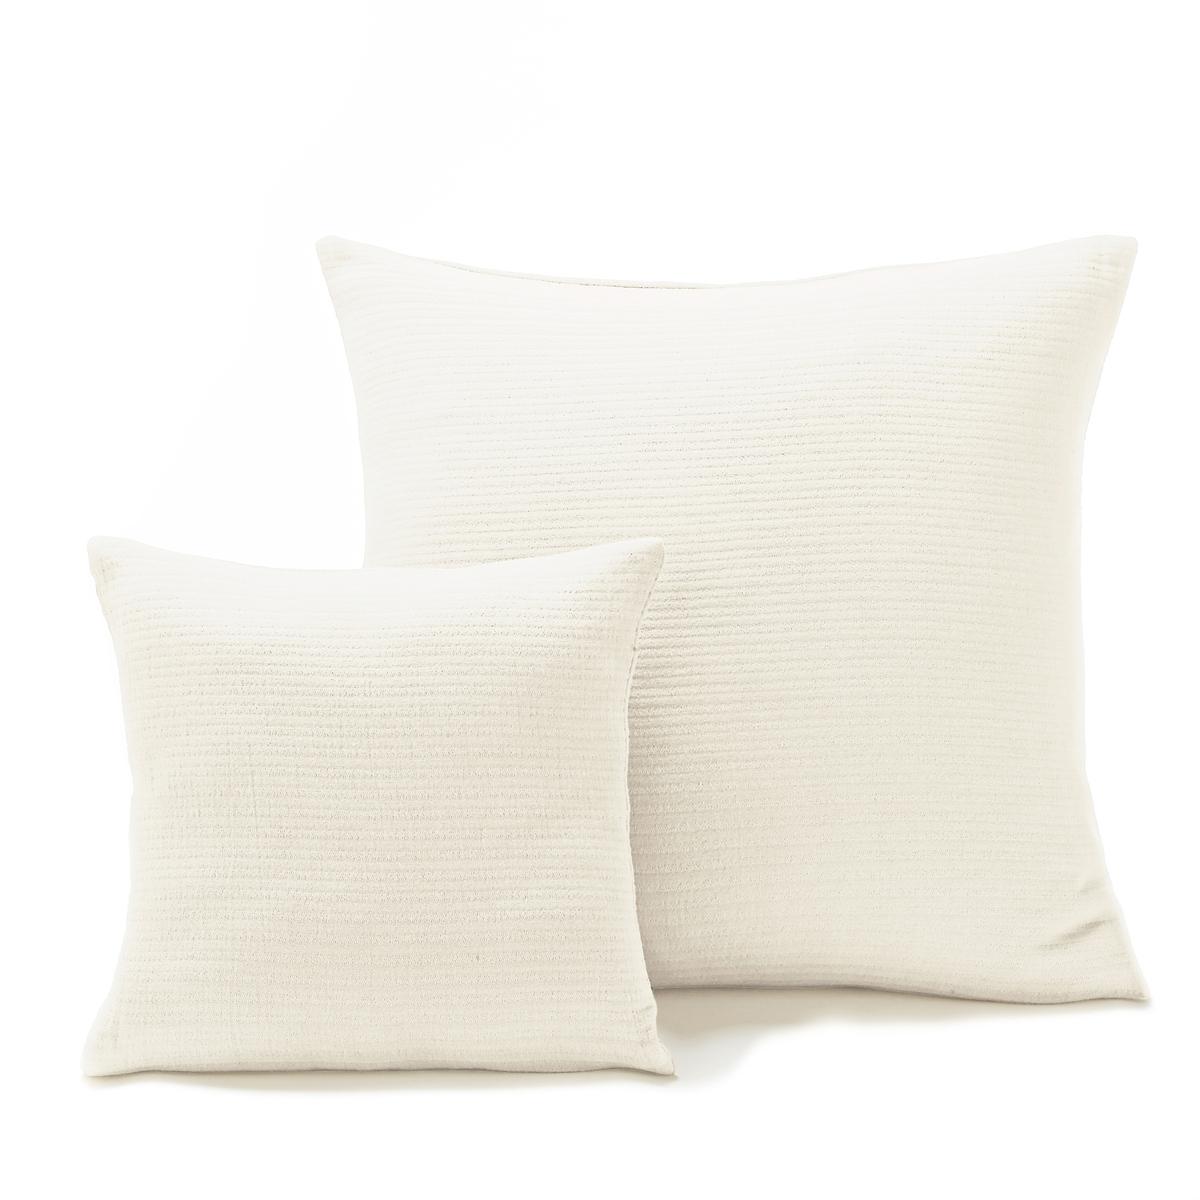 Чехол на подушку Ilhow